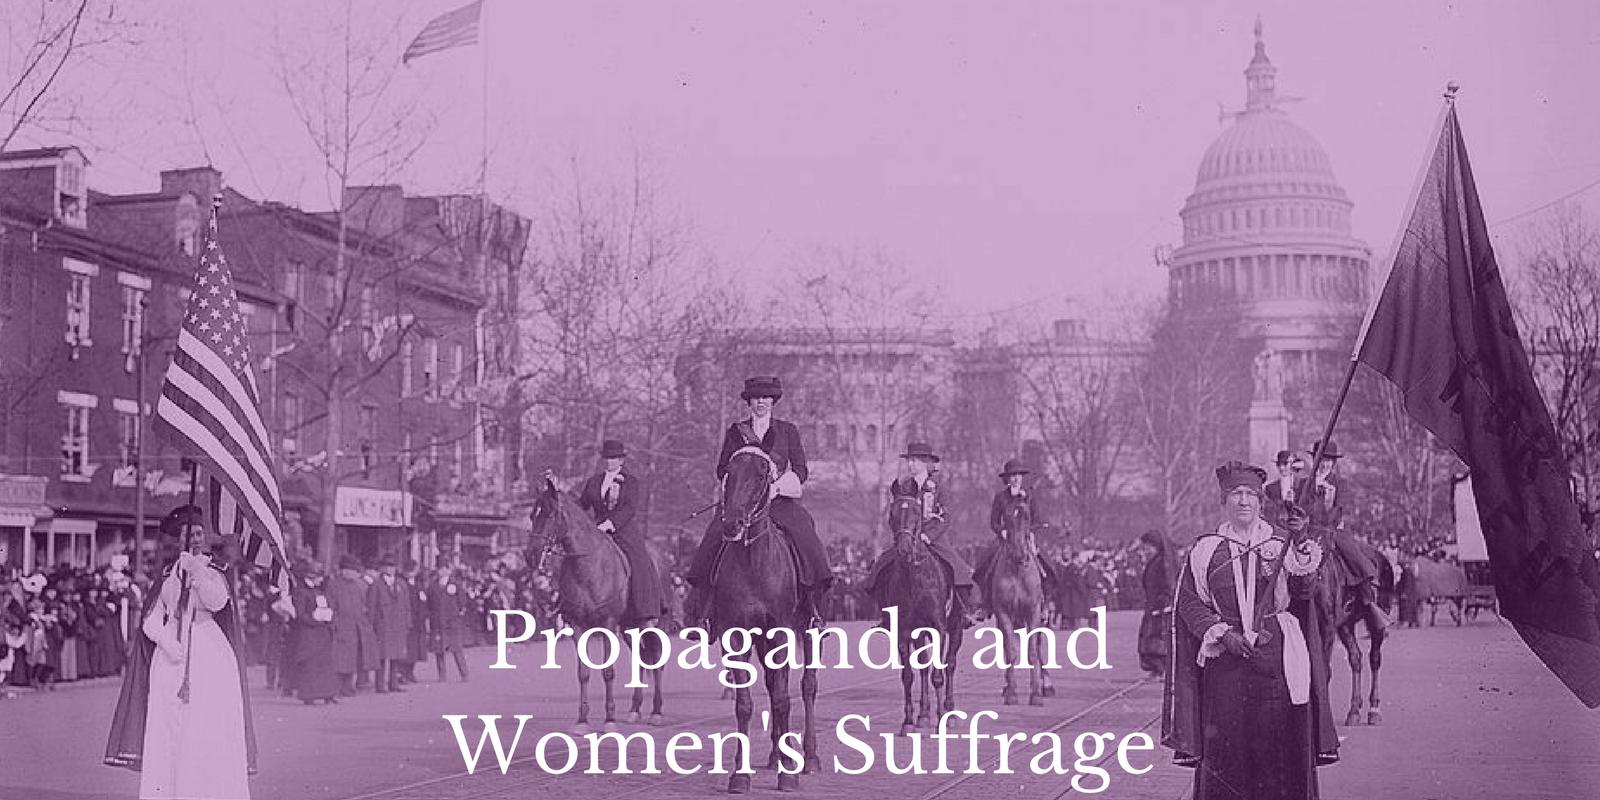 Lesson Plan Propaganda and Women's Suffrage